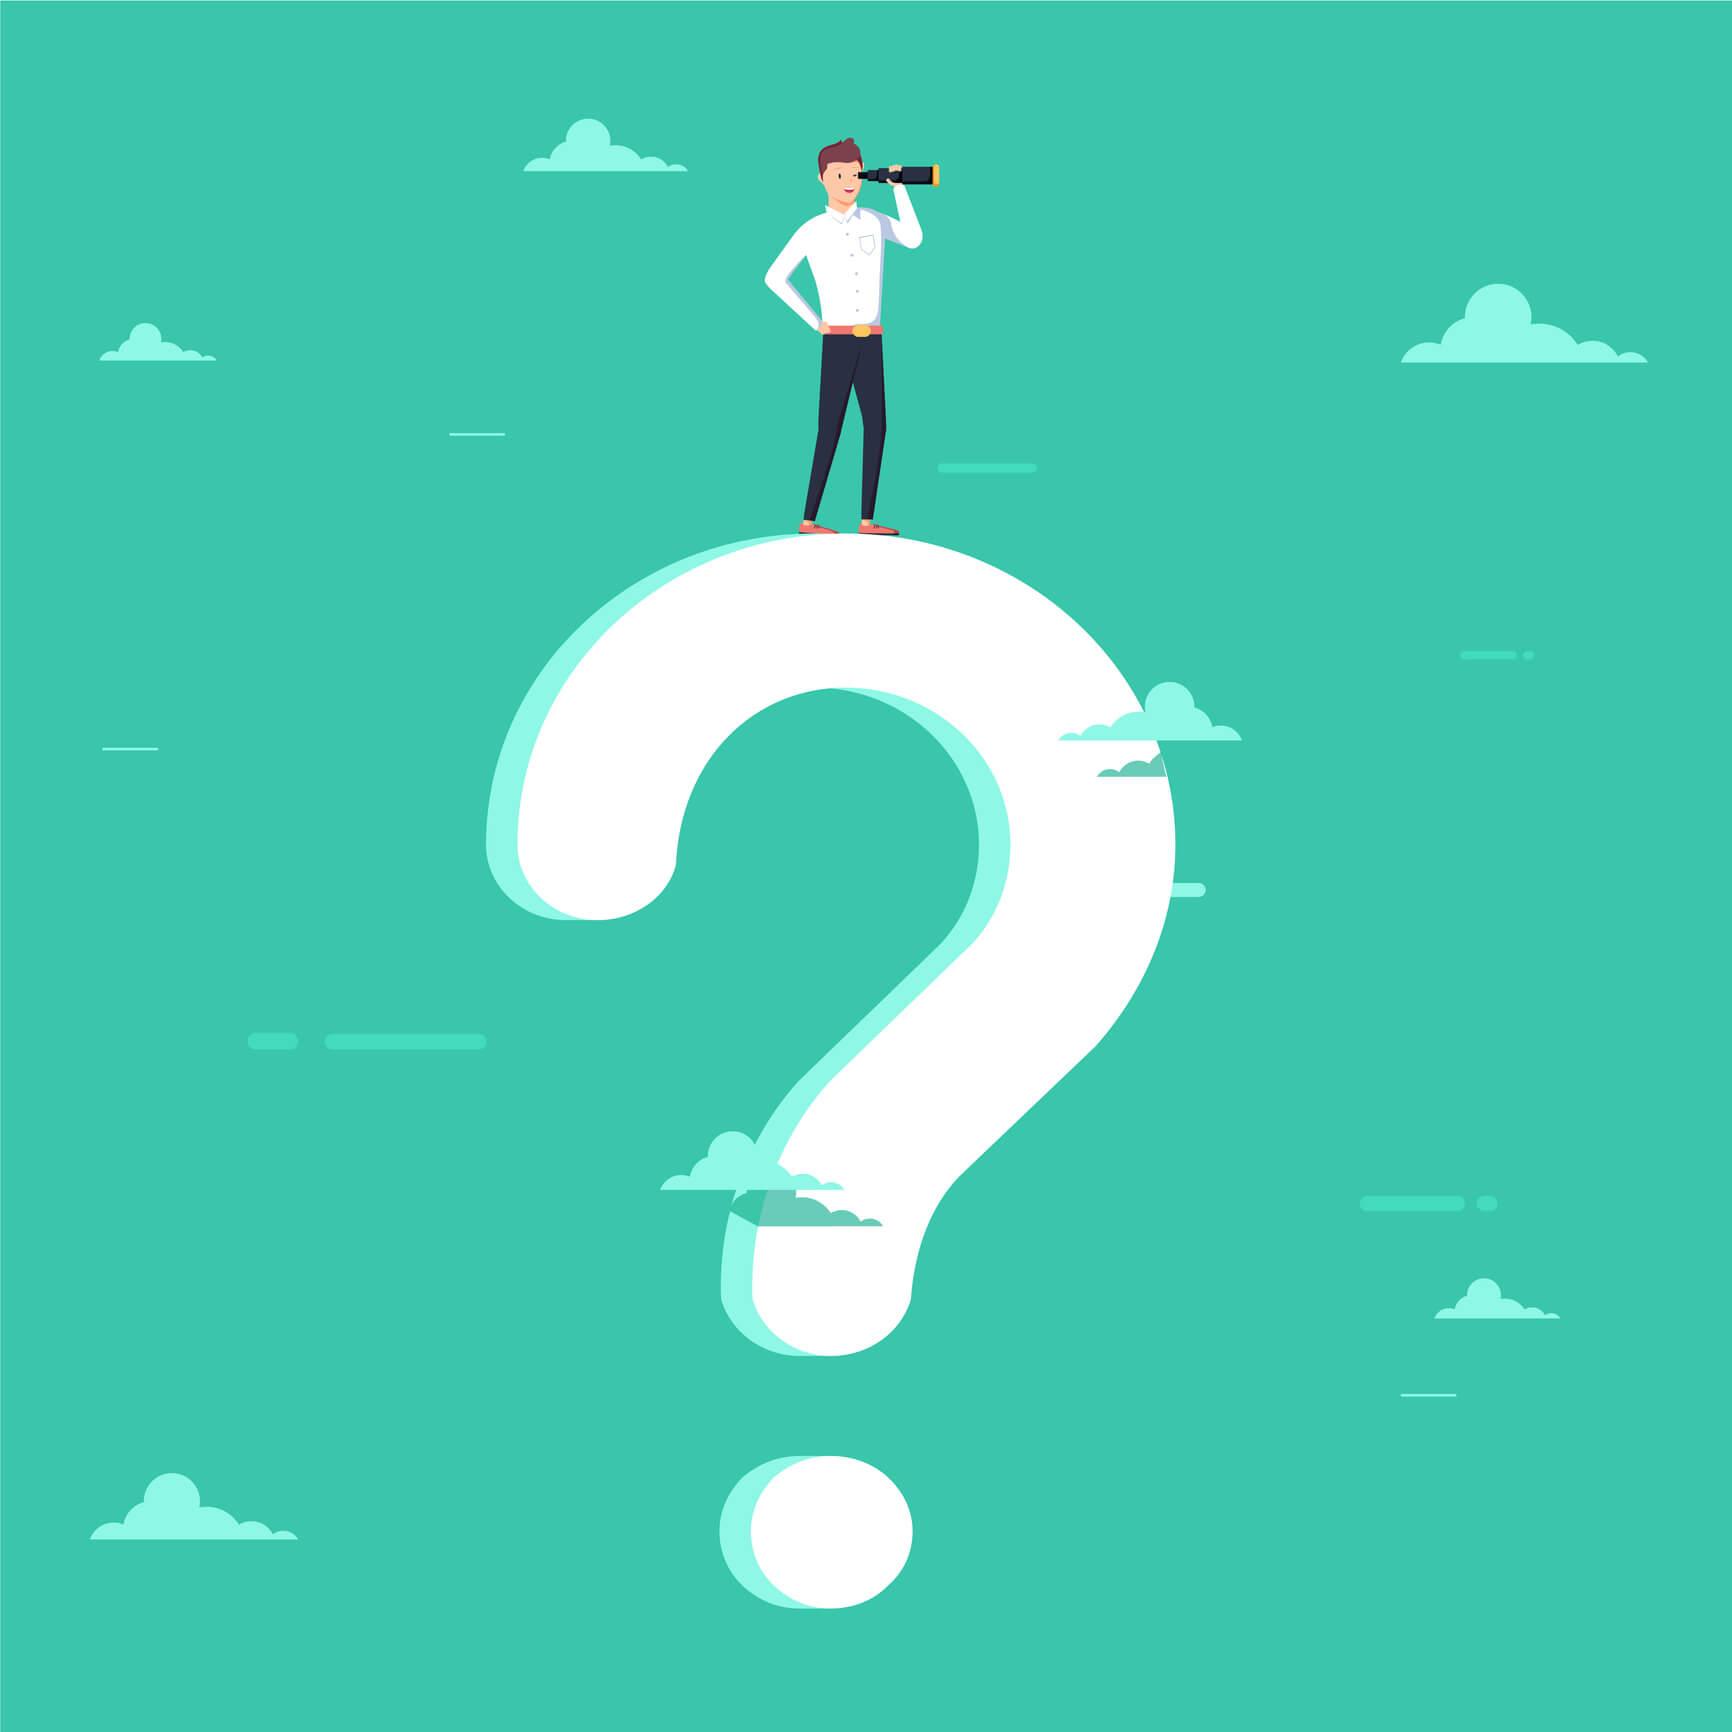 Afinal, como identificar os fatores críticos de sucesso do negócio?